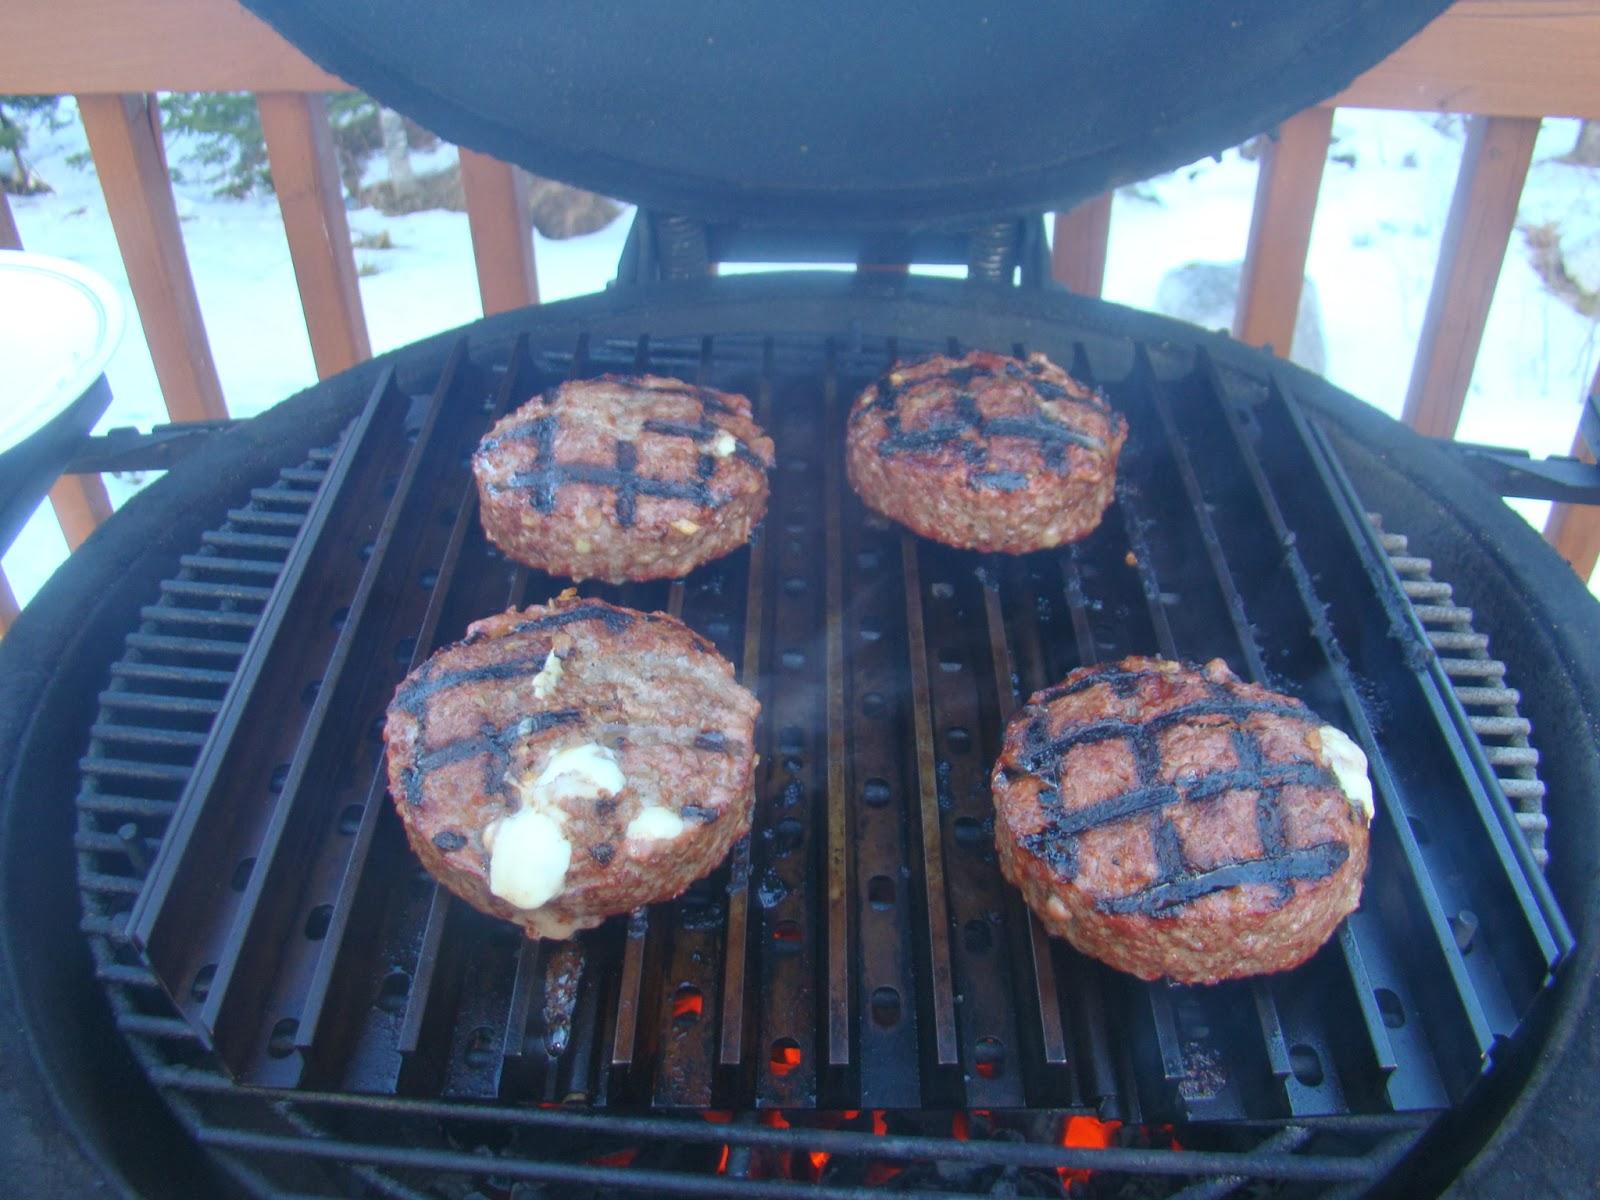 hrm creative bbq stuff burgers on the bbq